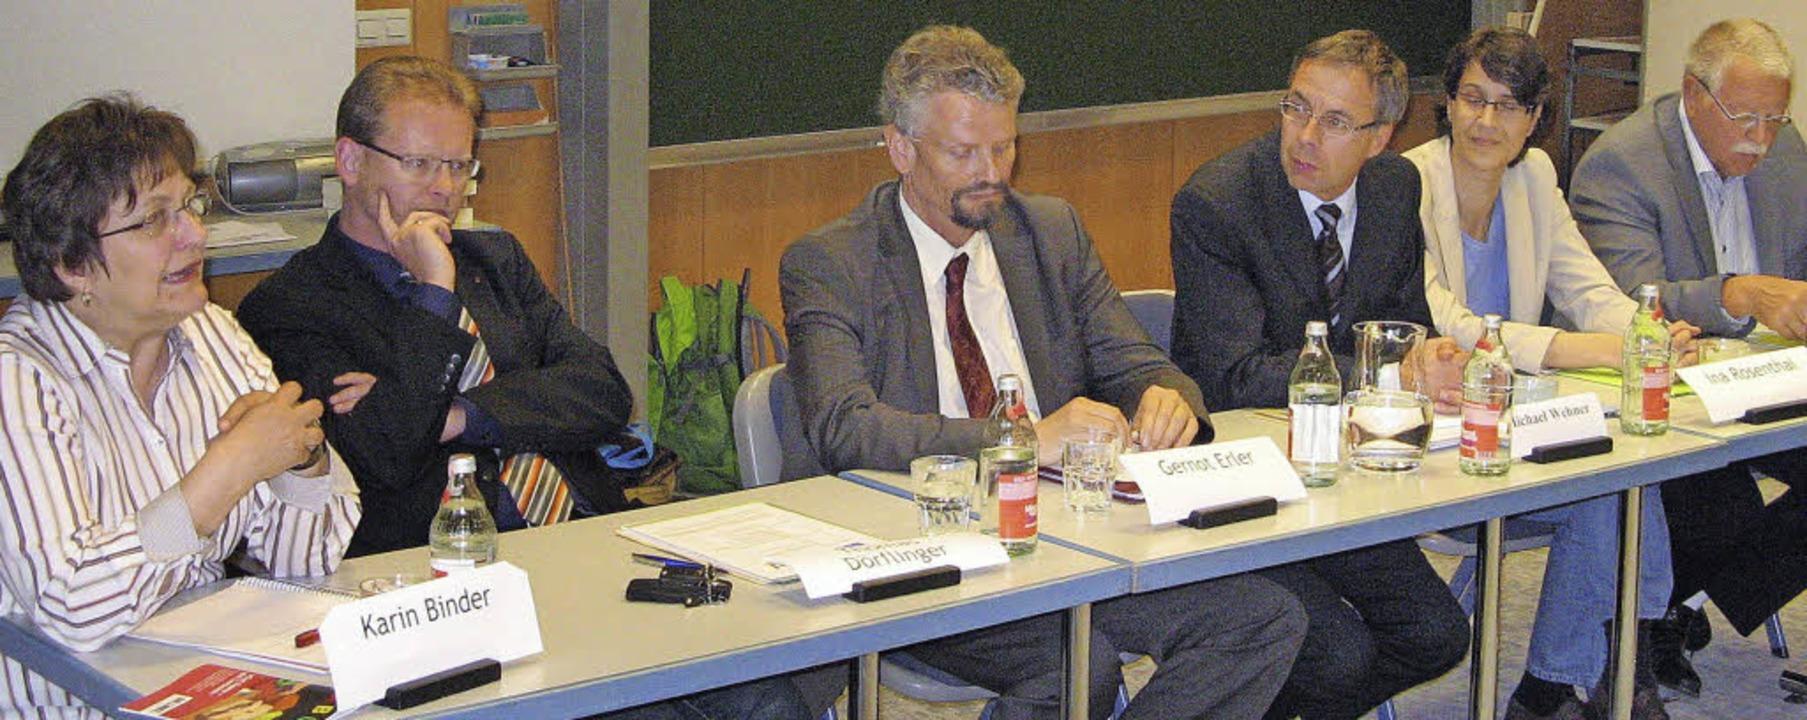 Wahlkampfauftakt vor Lehrern: Podium m...senthal (Grüne), Manfred Vohrer (FDP)   | Foto: roman kiener